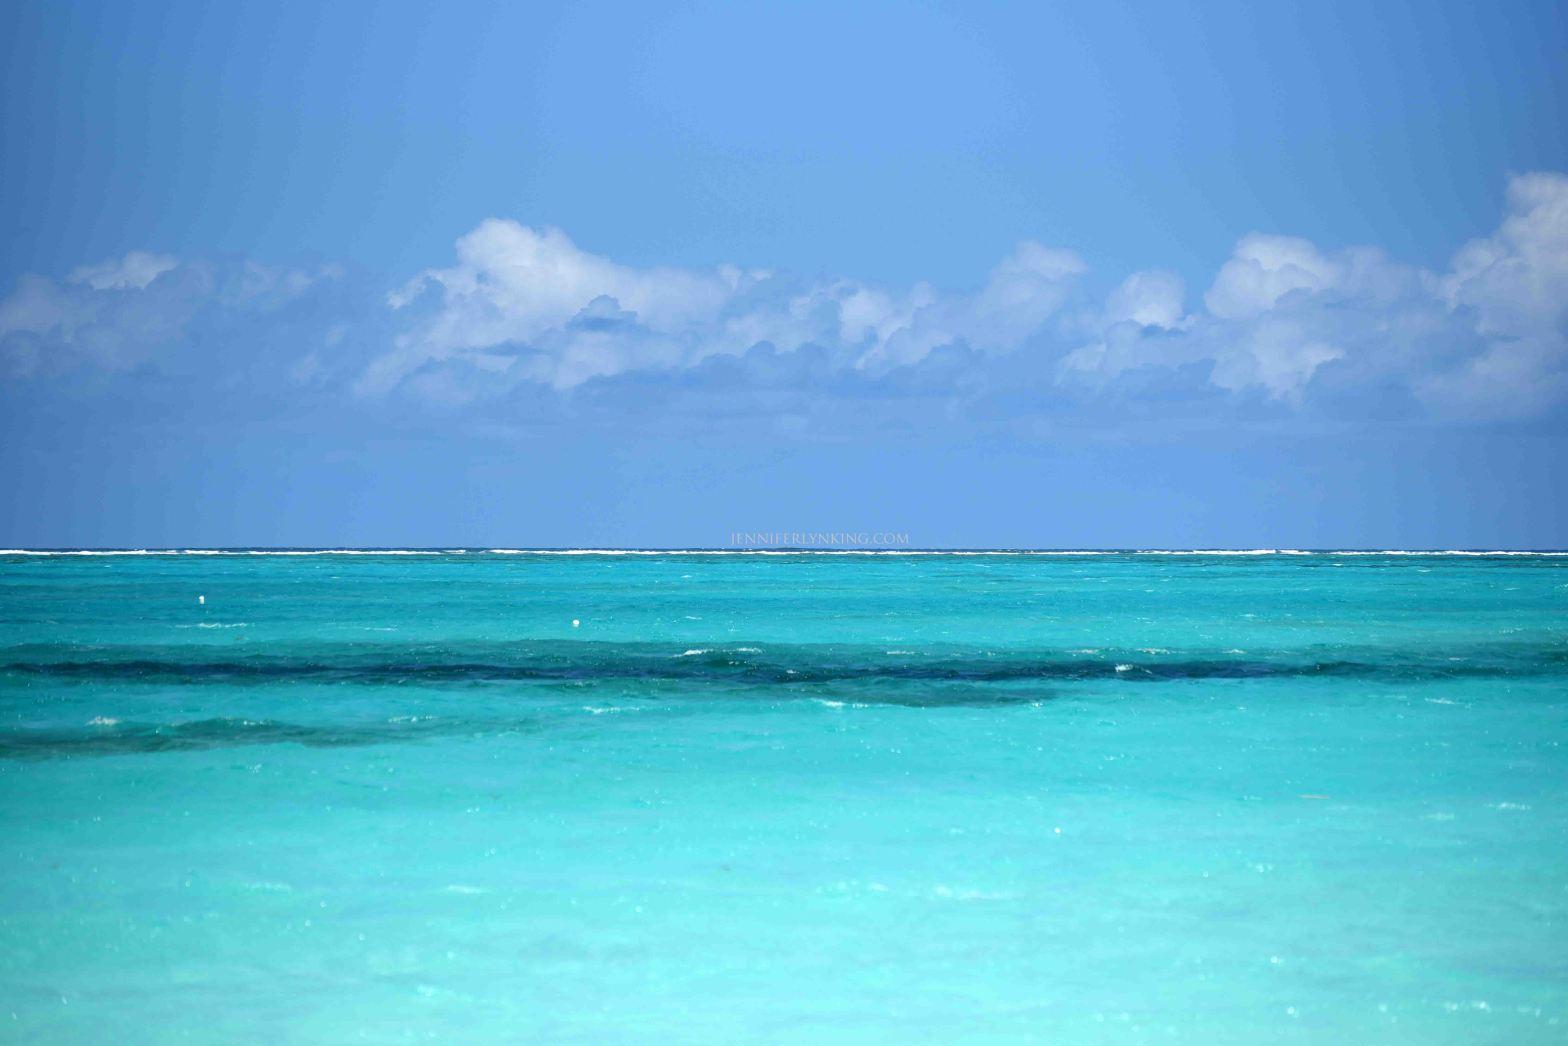 Turks and Caicos, the dream destination